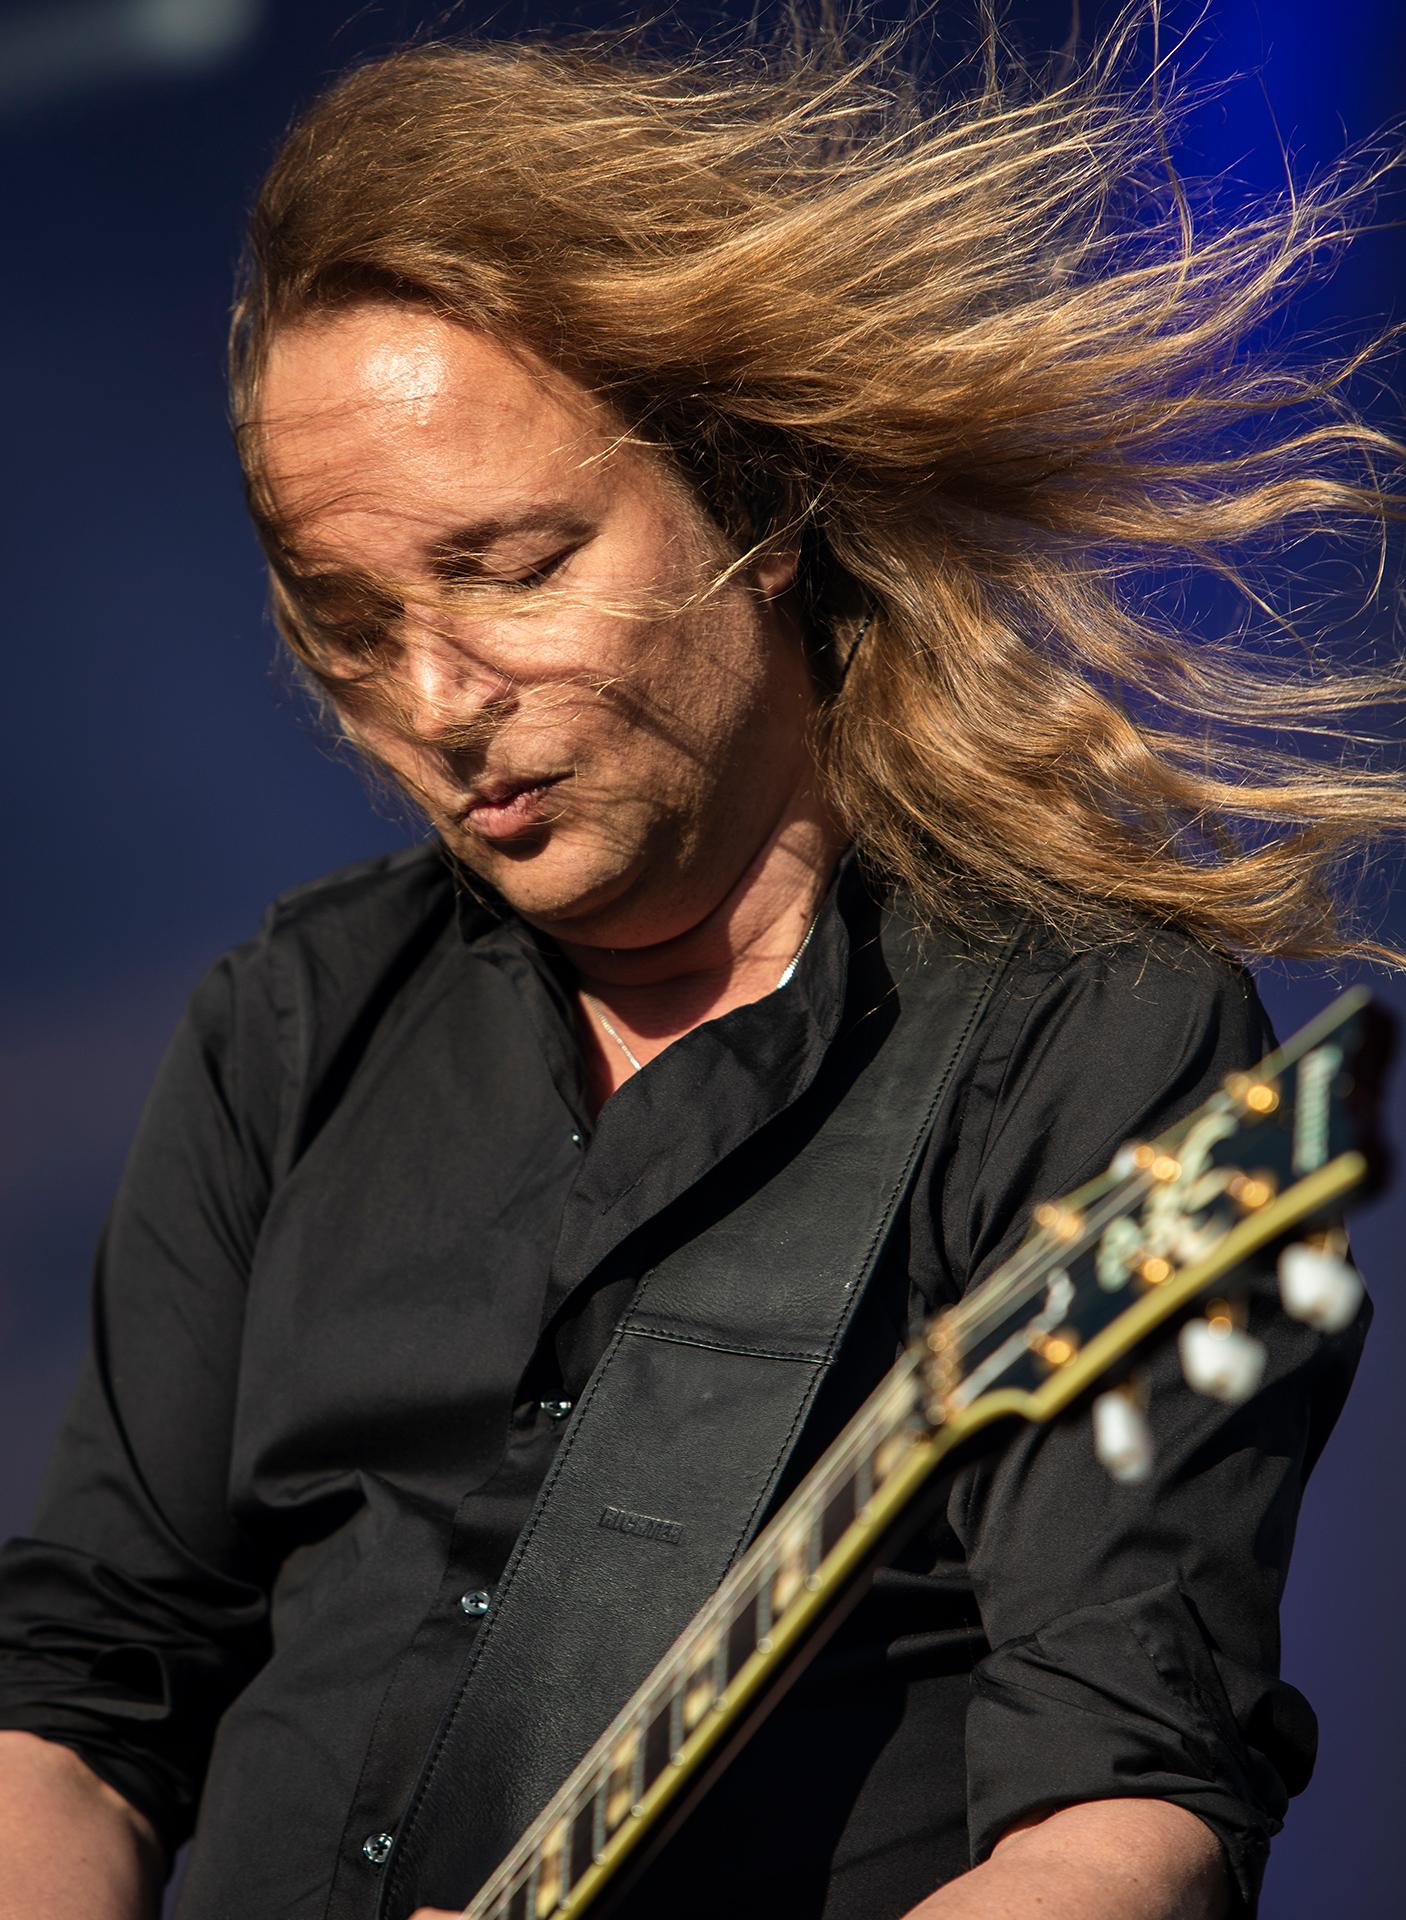 Sami Yli-Sirniö, Kreator, Tuska metal festival, metal music